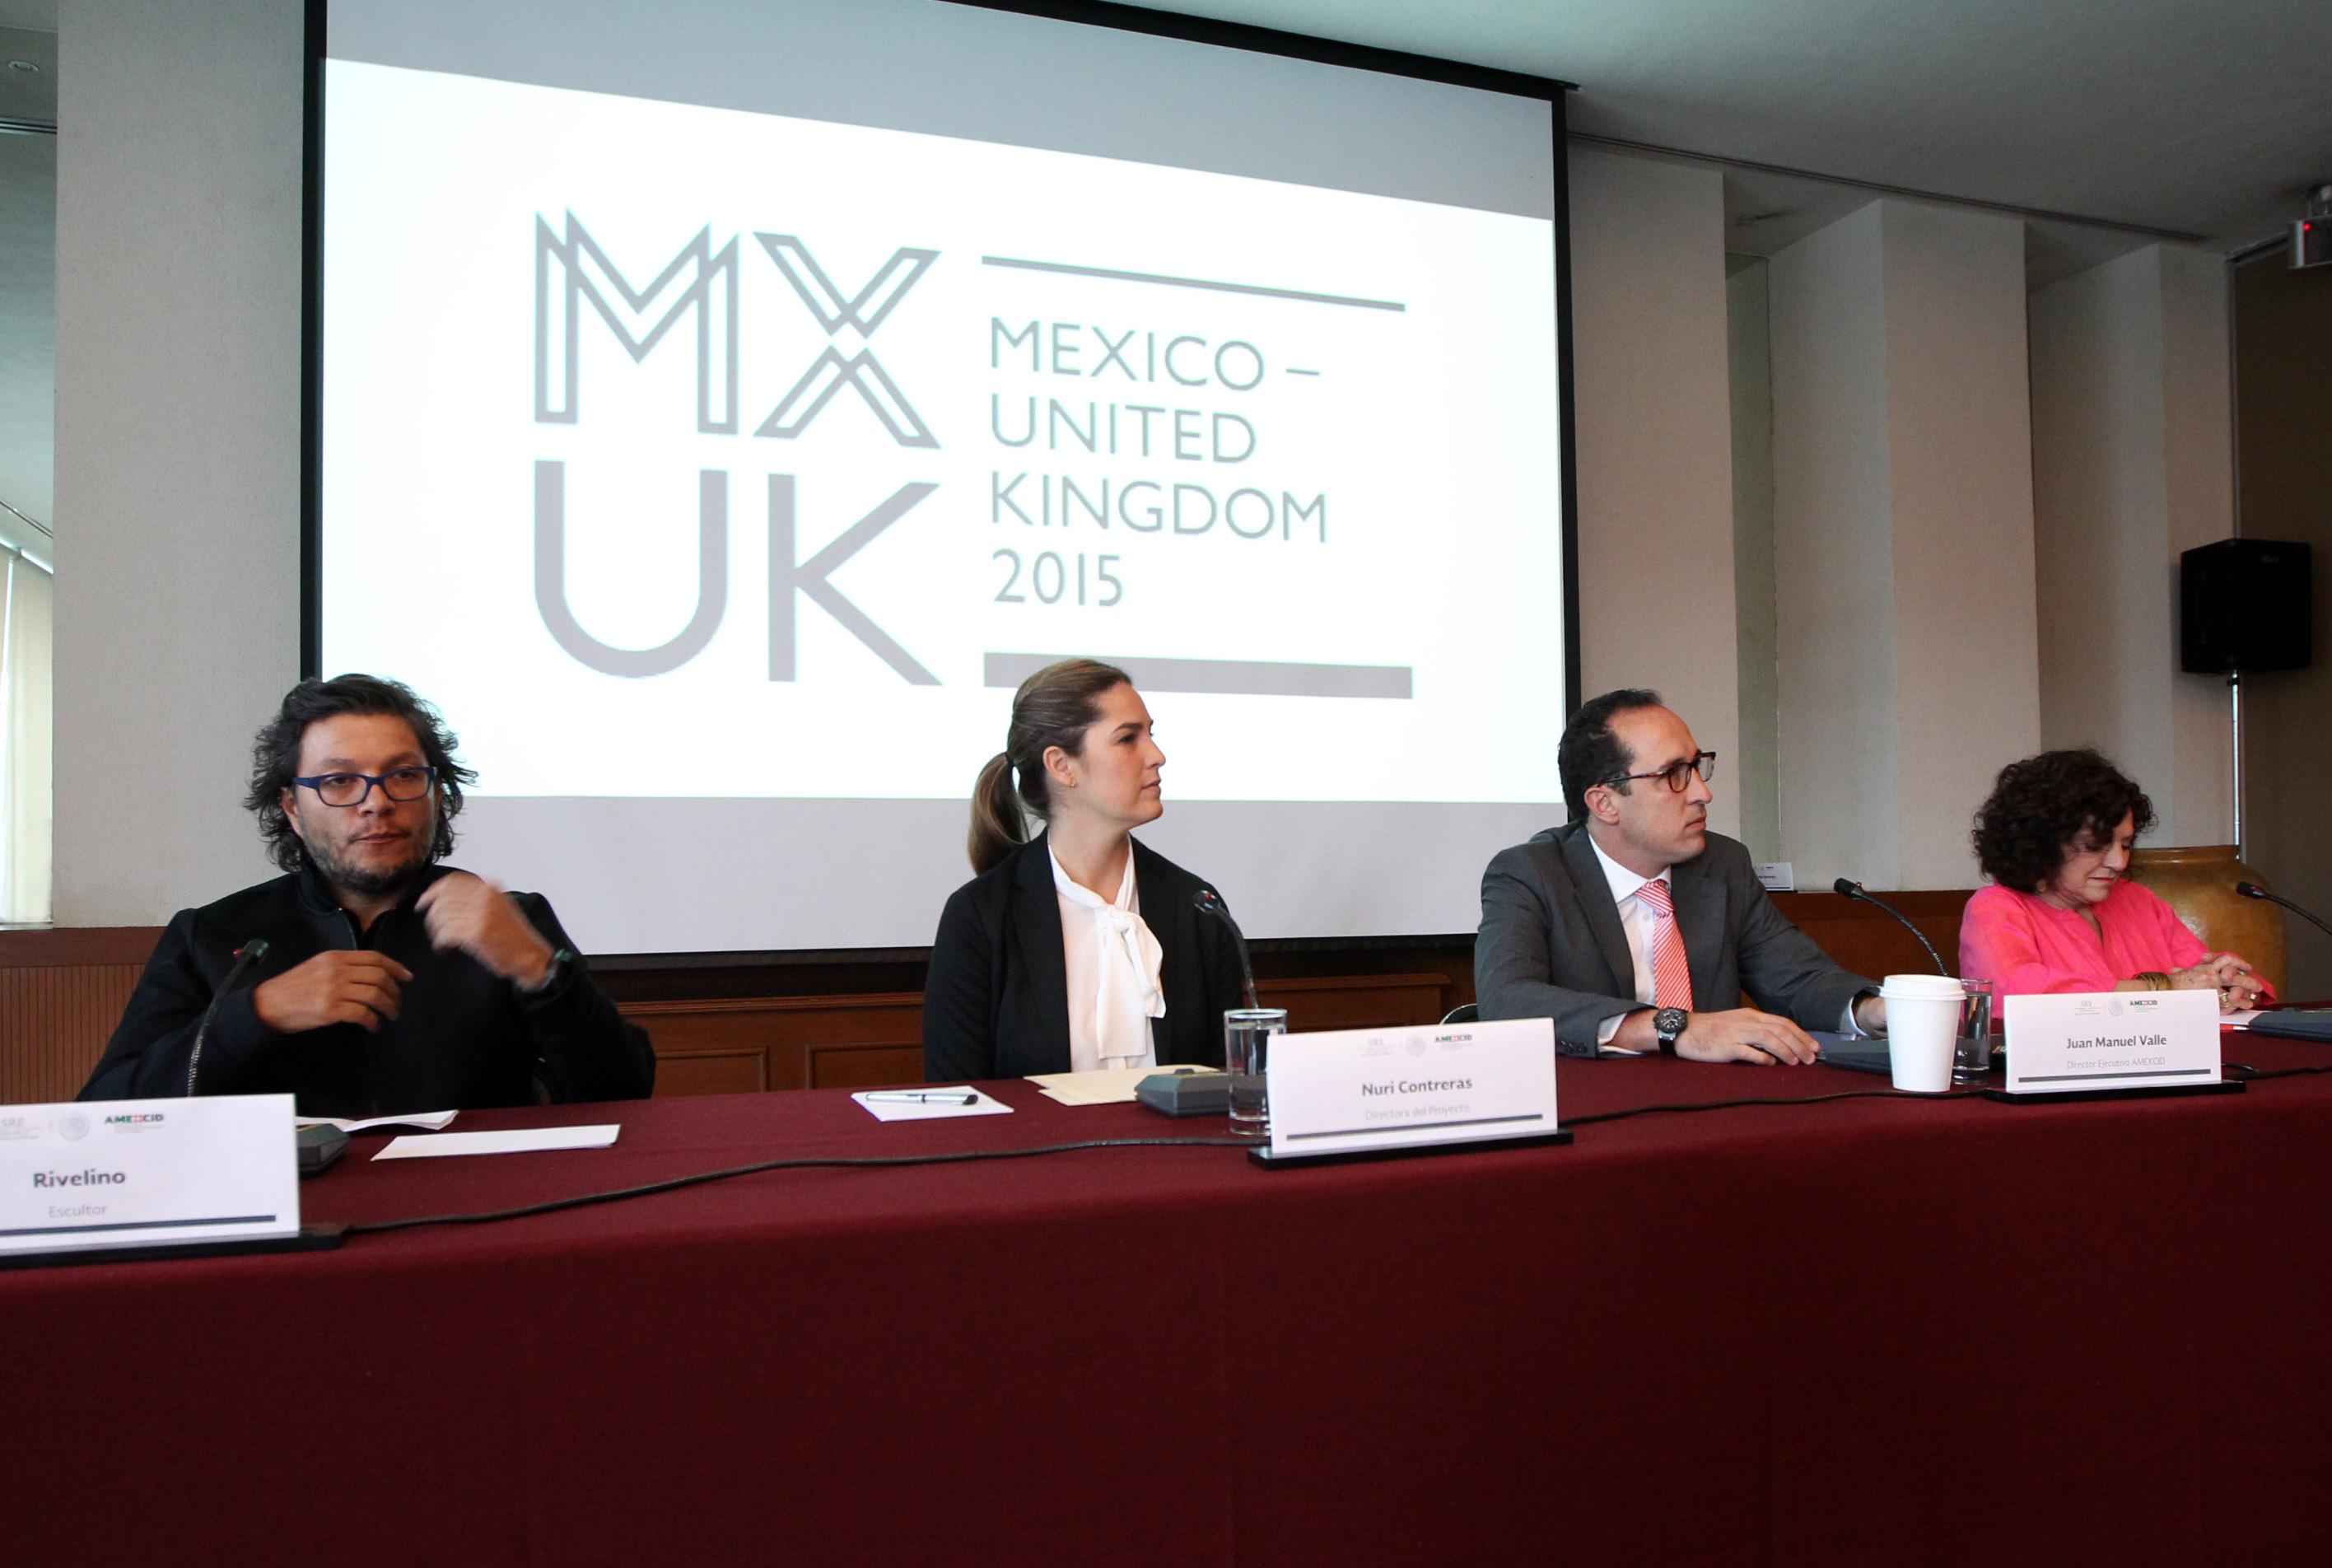 FOTO 1 Escultura mexicana contempor nea se exhibir  en plazas p blicas de Londres.jpg